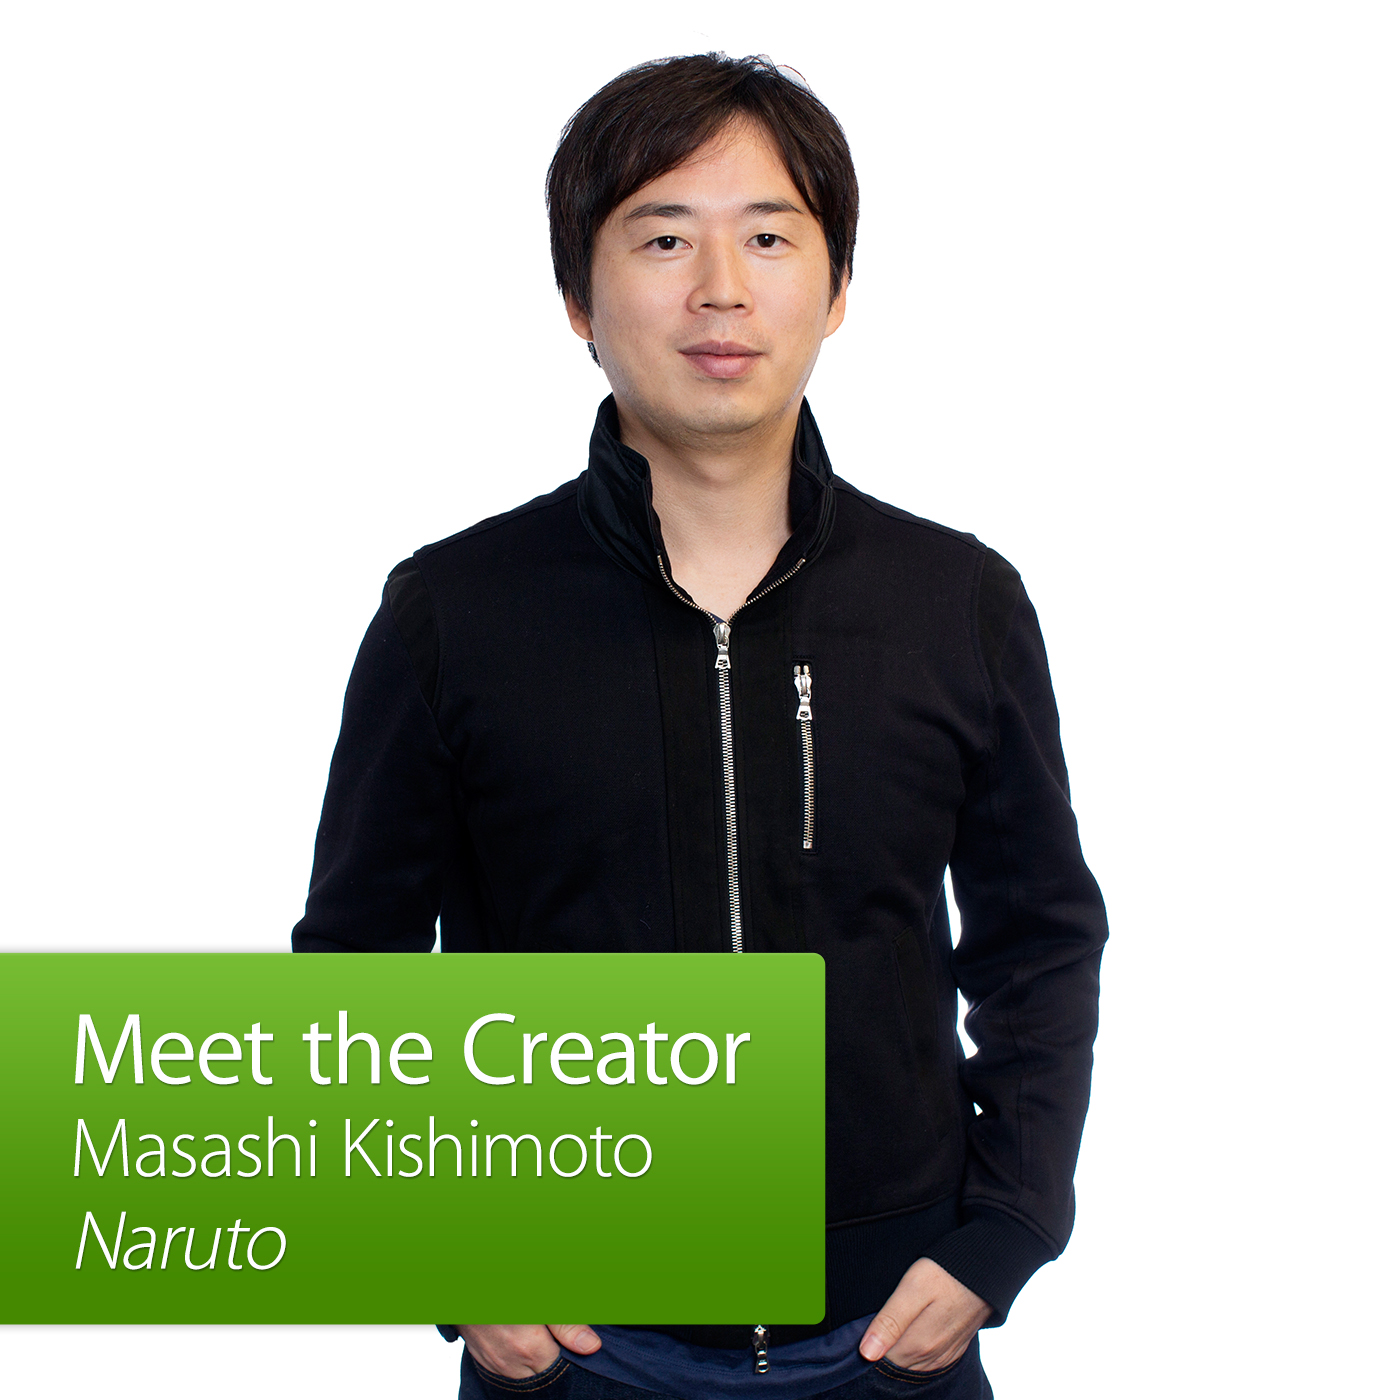 NARUTO - ナルト:  クリエーターに会おう